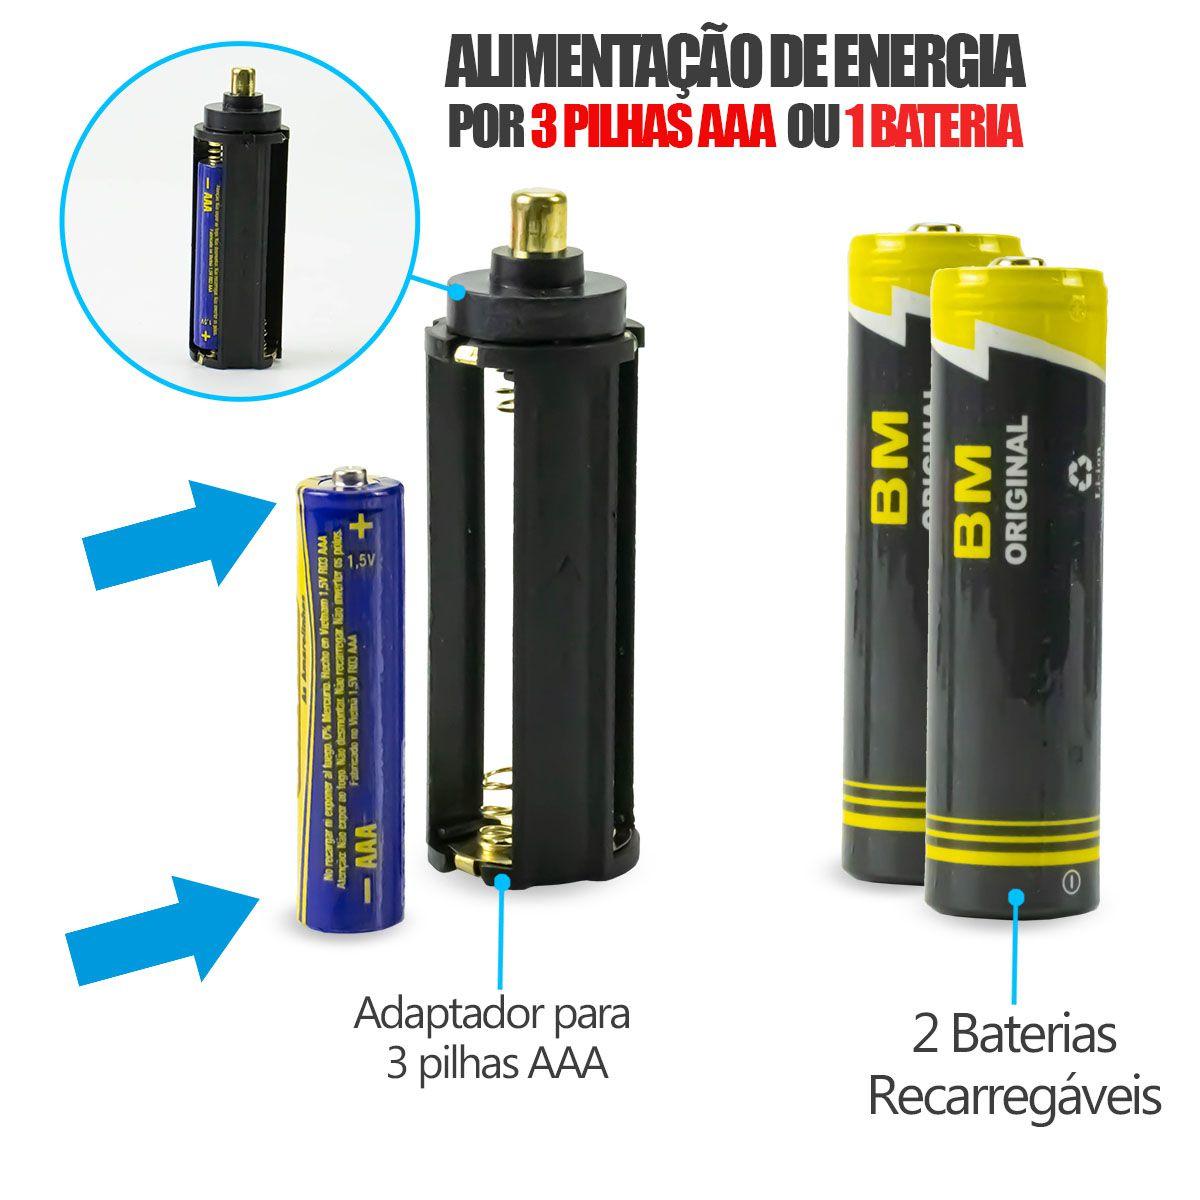 Lanterna Tática Led Cree com Sinalizador, Foco Ajustável e Bateria Recarregável B-Max BM8466